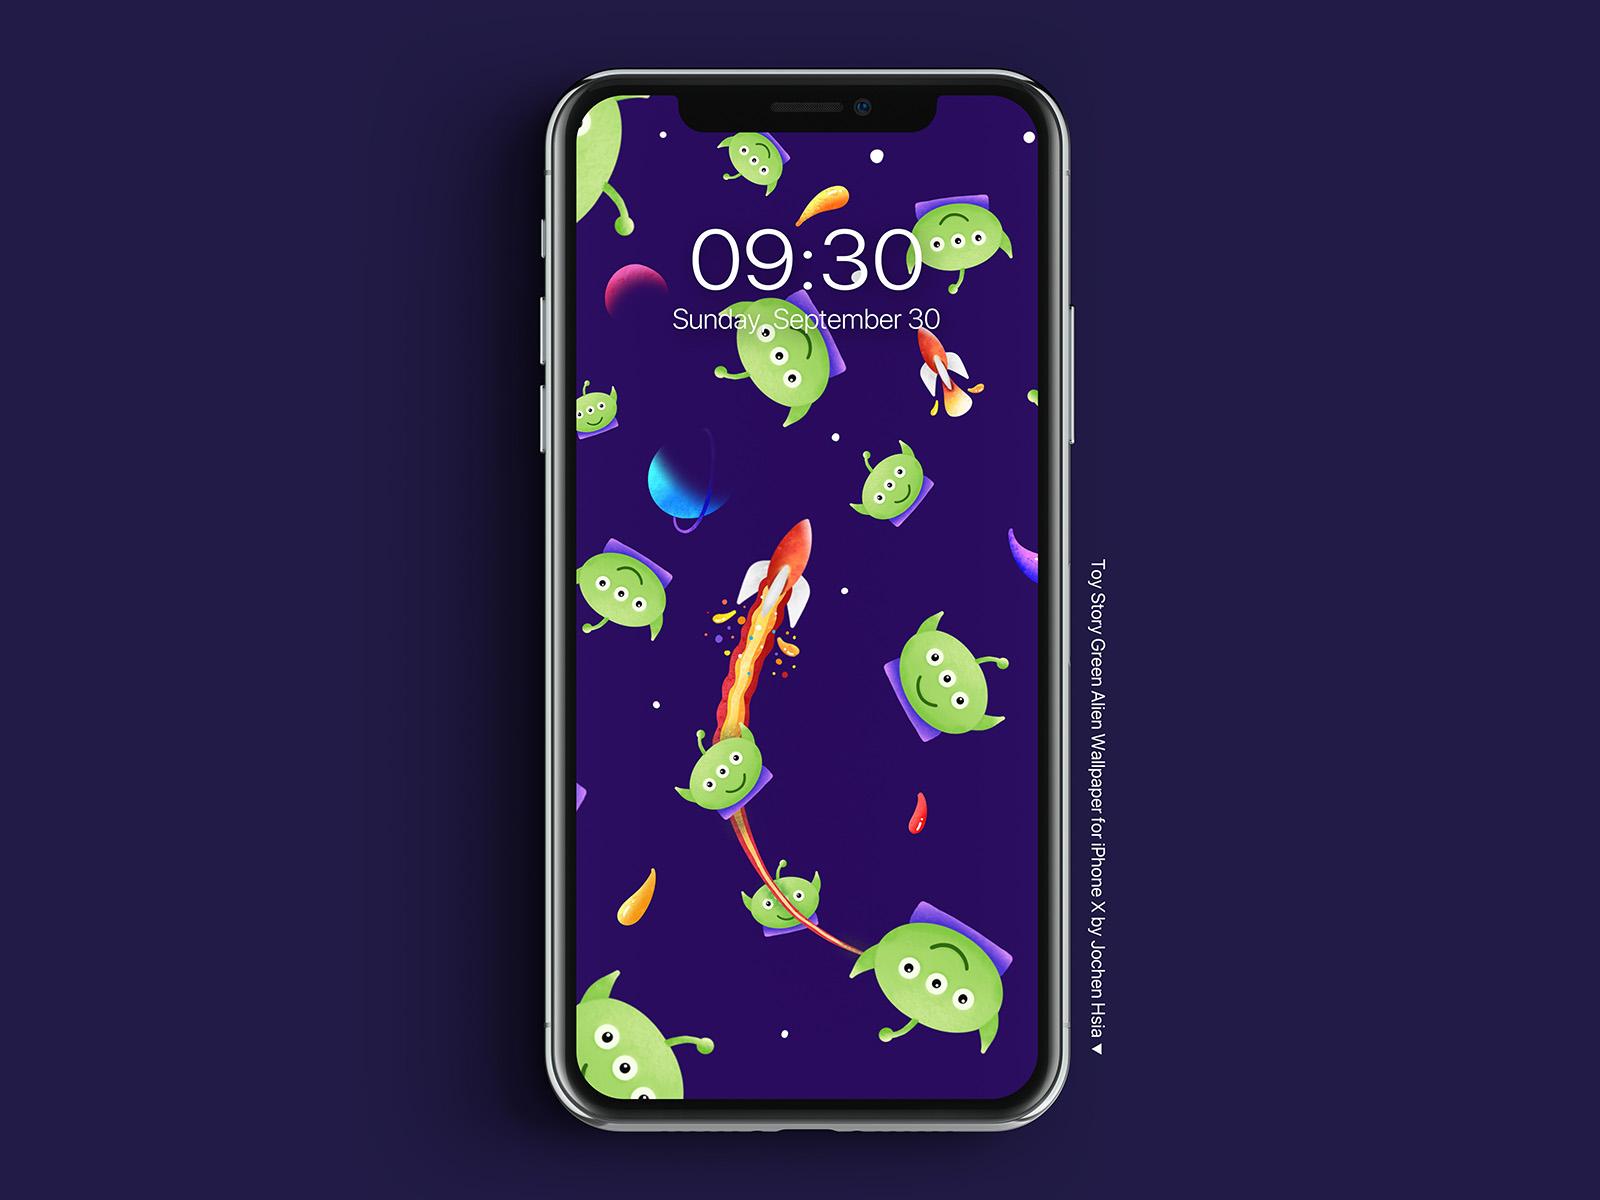 Green Alien Wallpaper By Jochen Hsia On Dribbble